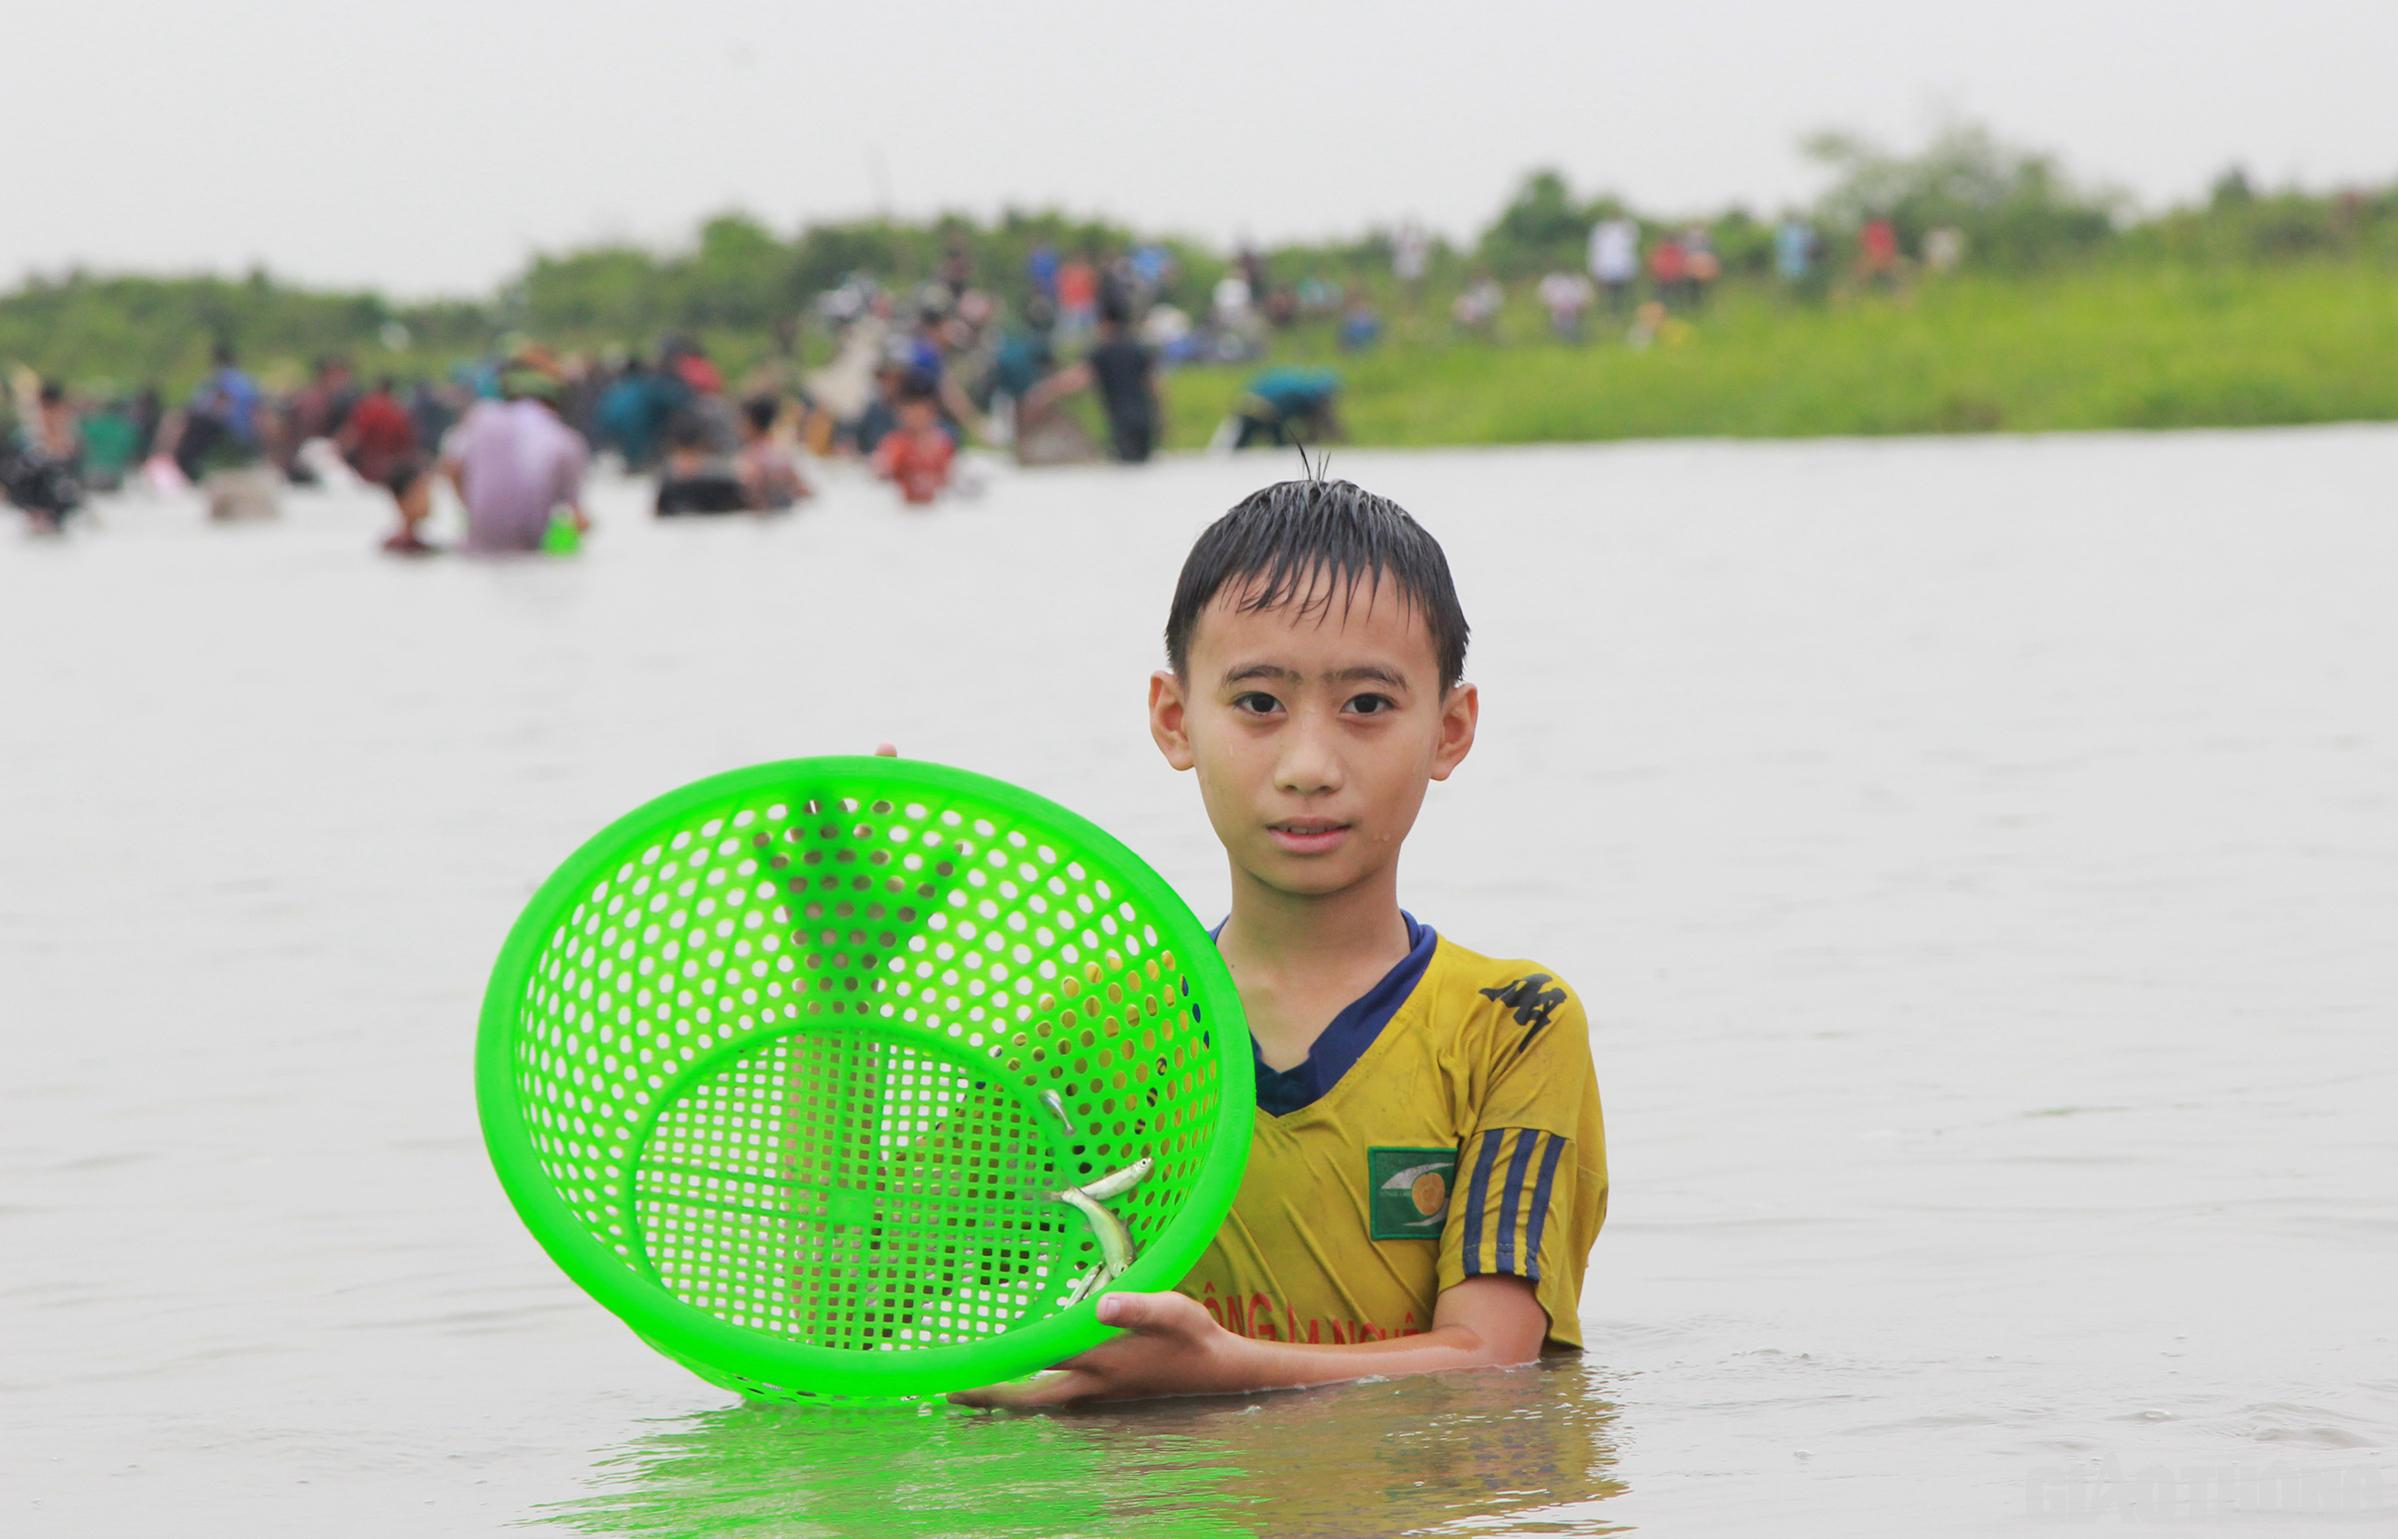 Nhiều cháu bé cũng theo bố mẹ, anh chị xuống đầm bắt cá với hi vọng may mắn sẽ đến với bản thân mình